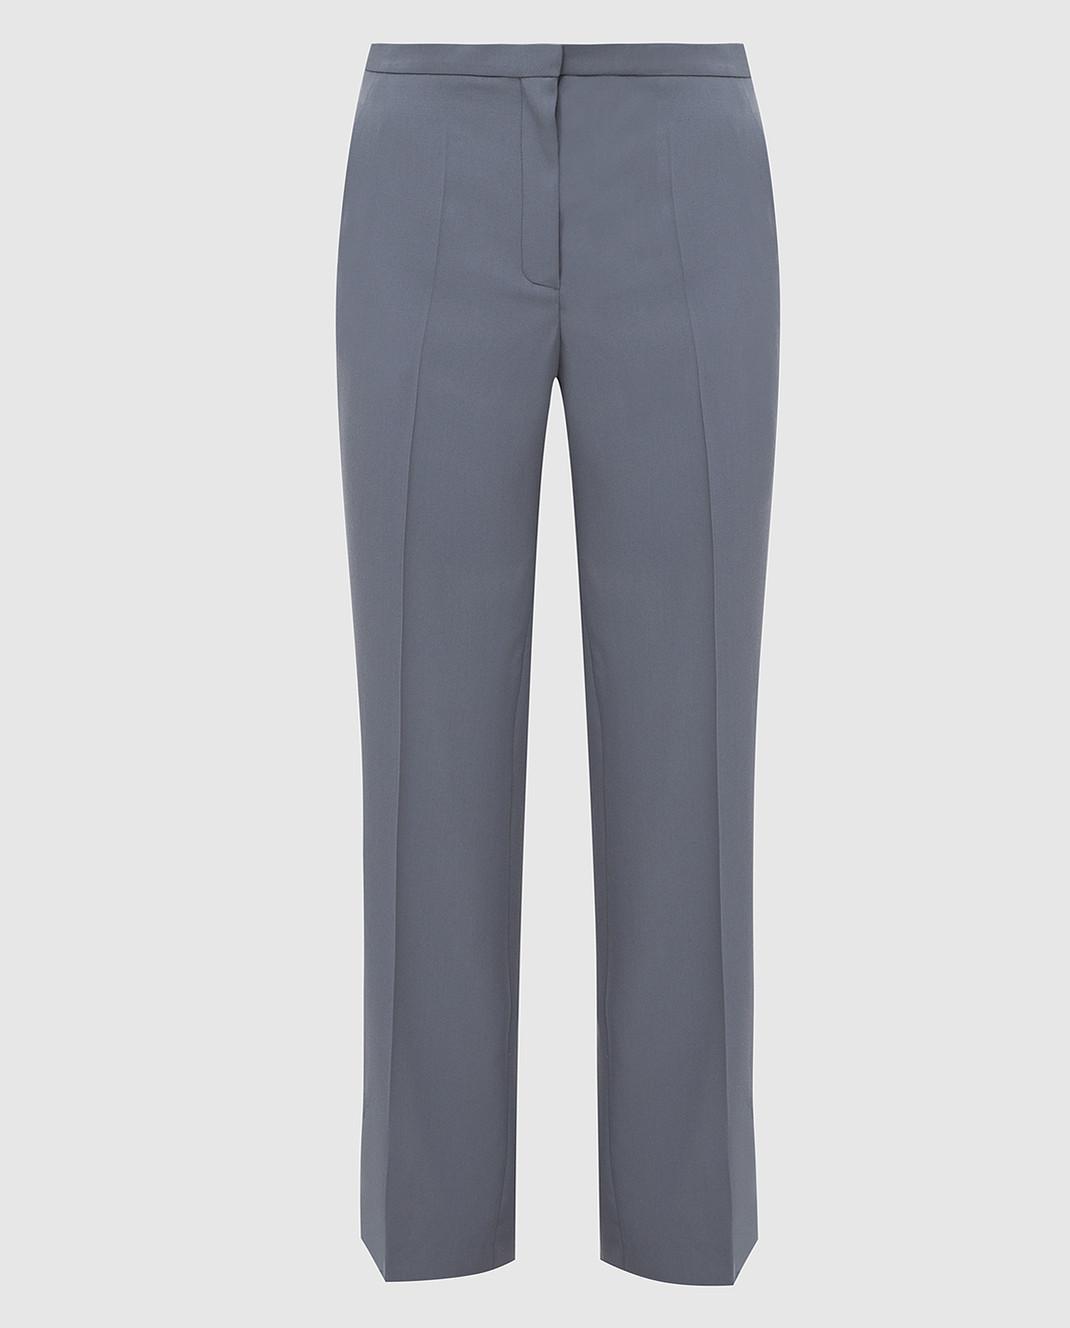 NINA RICCI Серые брюки из шерсти изображение 1